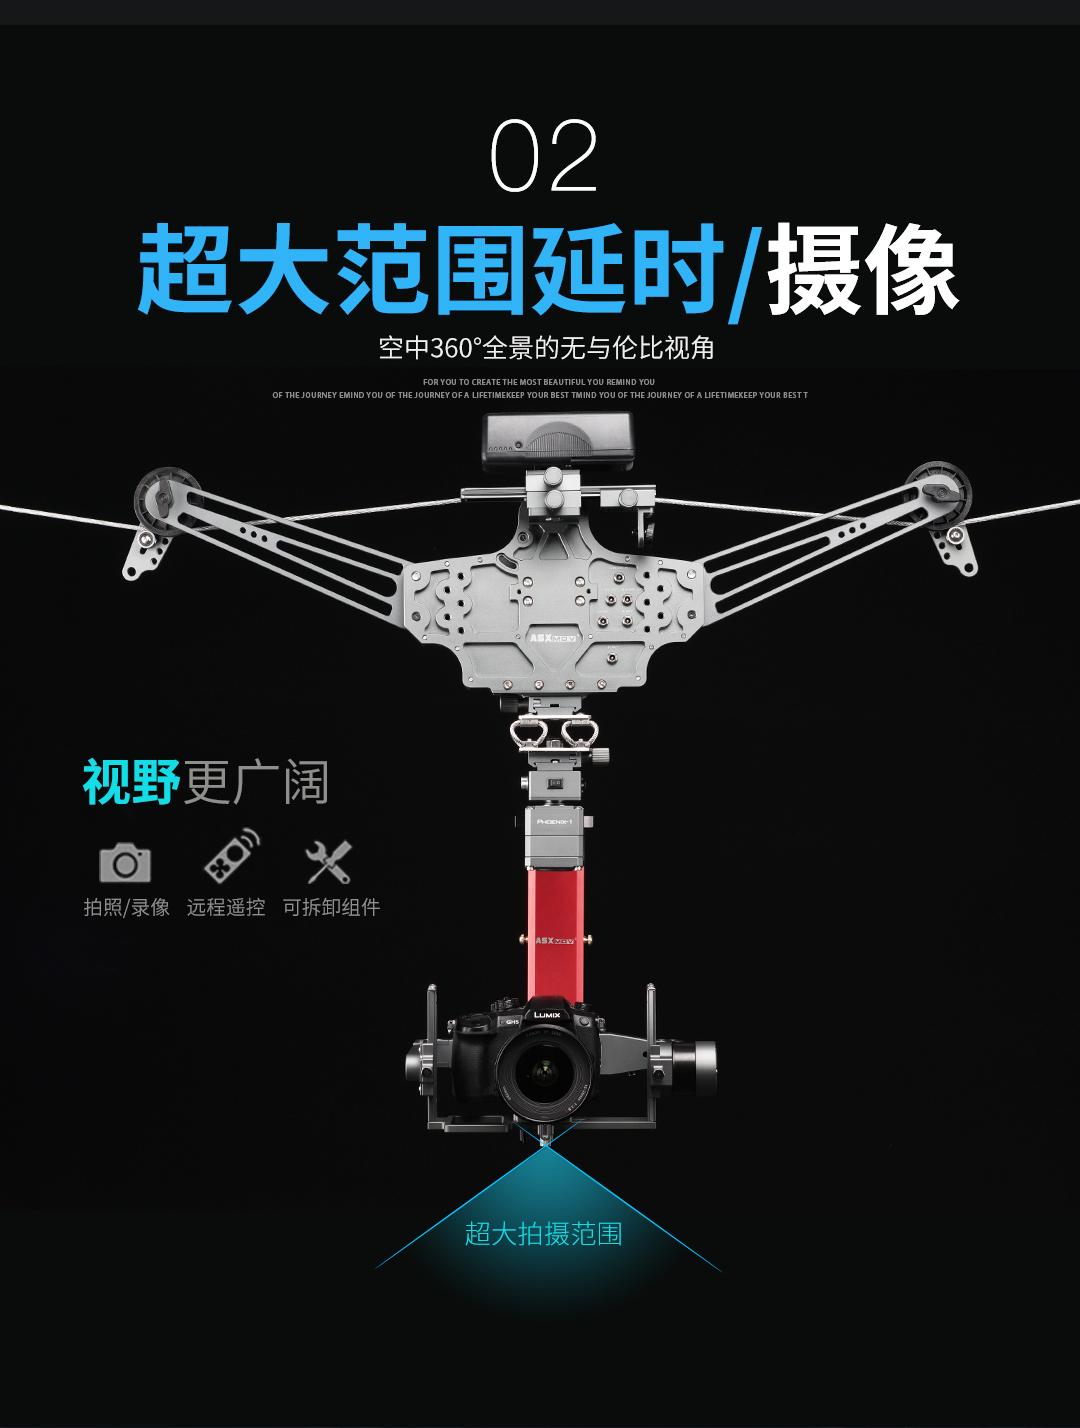 索道拍摄系统-中文版2018.11_06.jpg